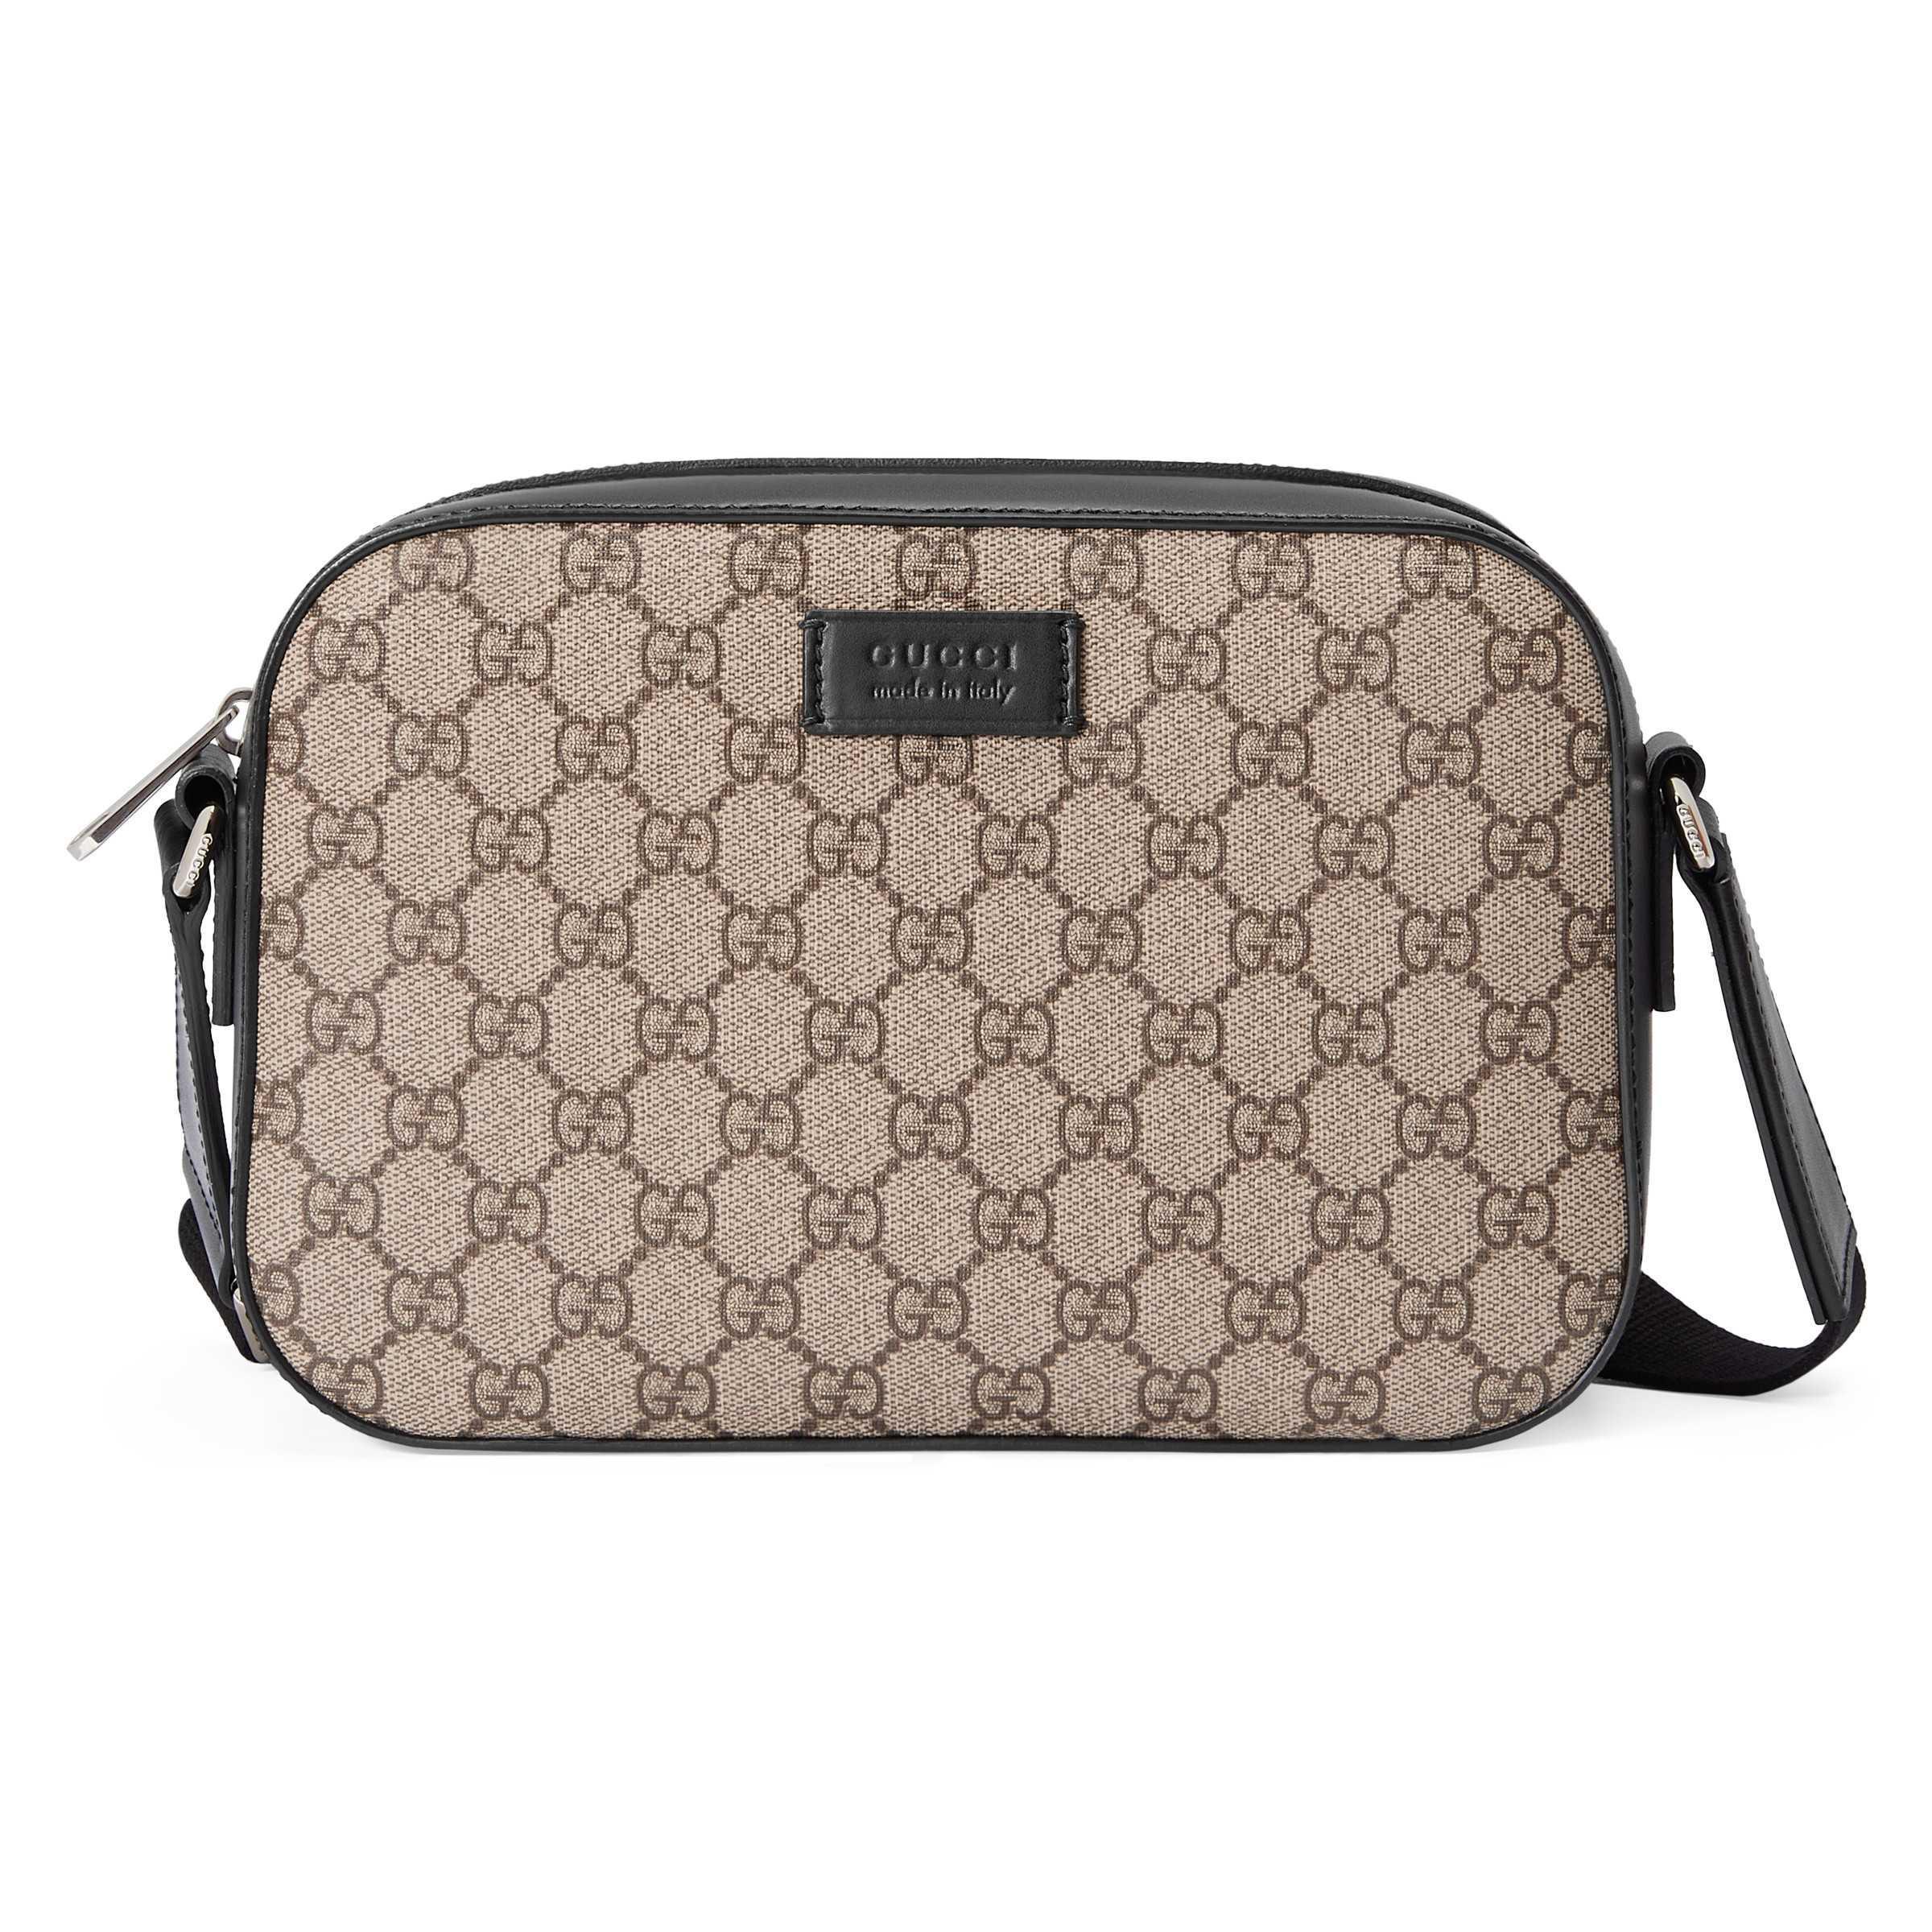 3b4106e66d4e Lyst - Gucci Gg Supreme Small Shoulder Bag for Men